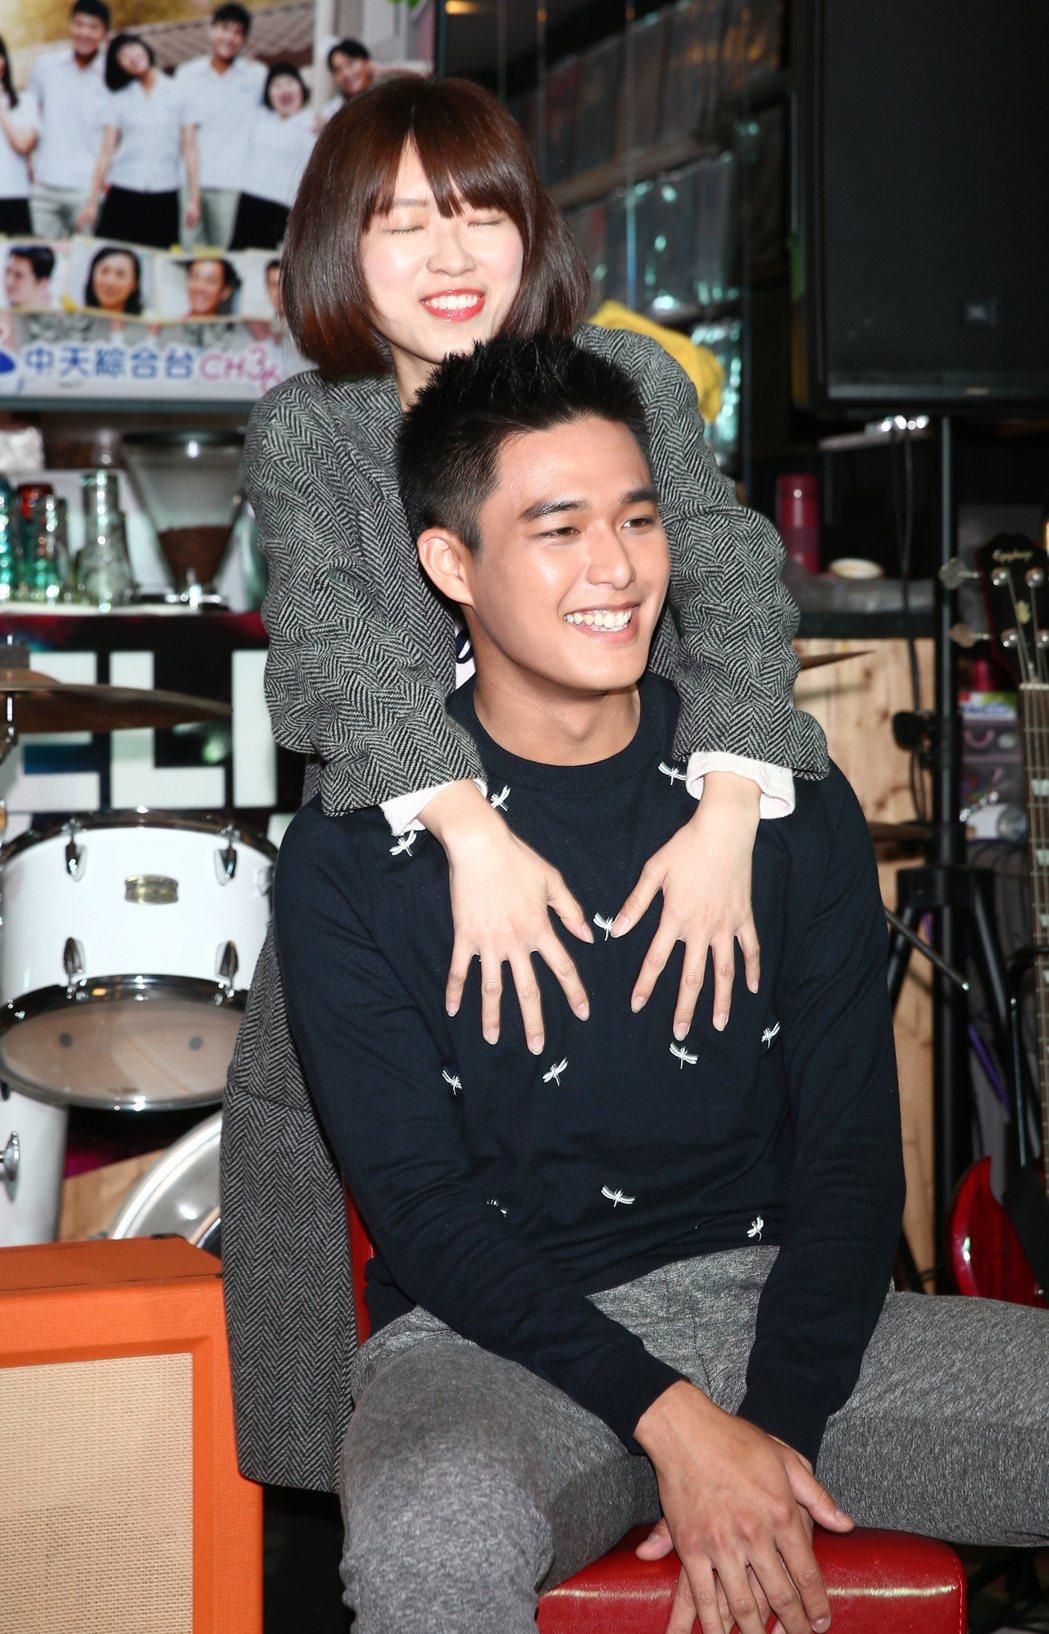 演員安俊朋出席「美好年代-經典版」粉絲同樂會,慘遭粉絲雙手襲胸。記者蘇健忠/攝影